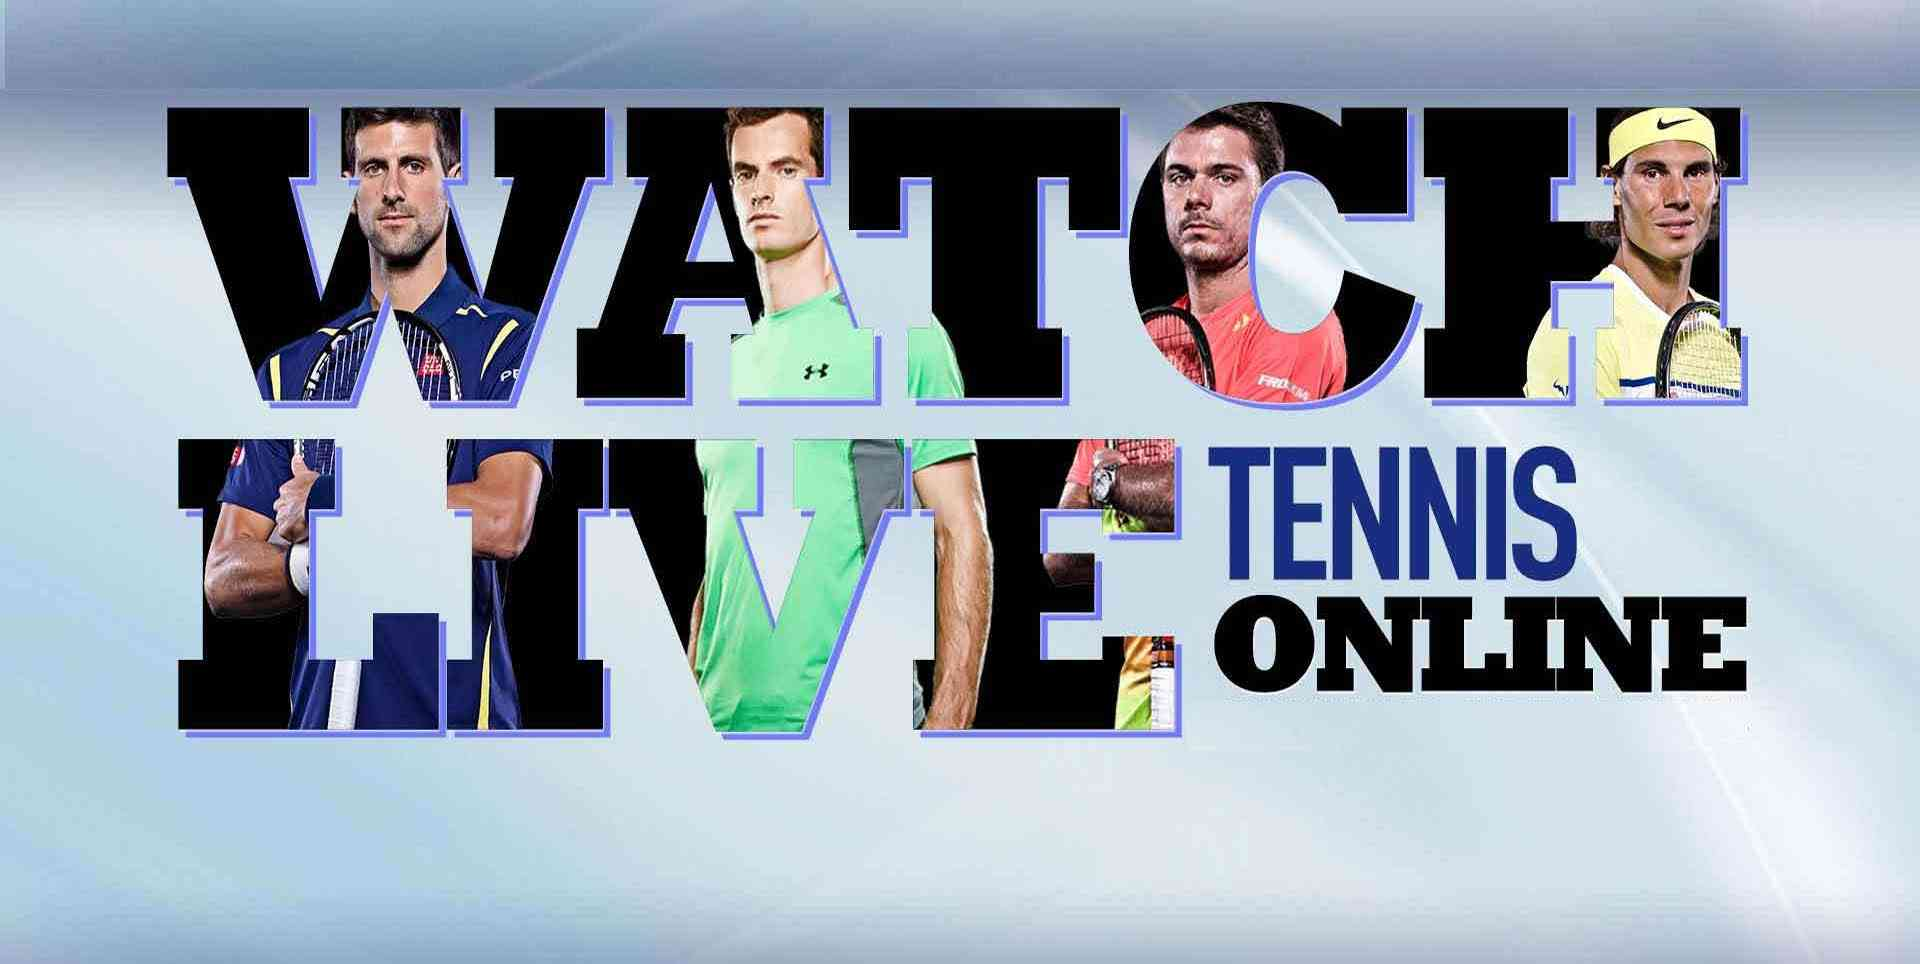 watch-1st-round-s.-fichman-vs-t.-bacsinszky-online